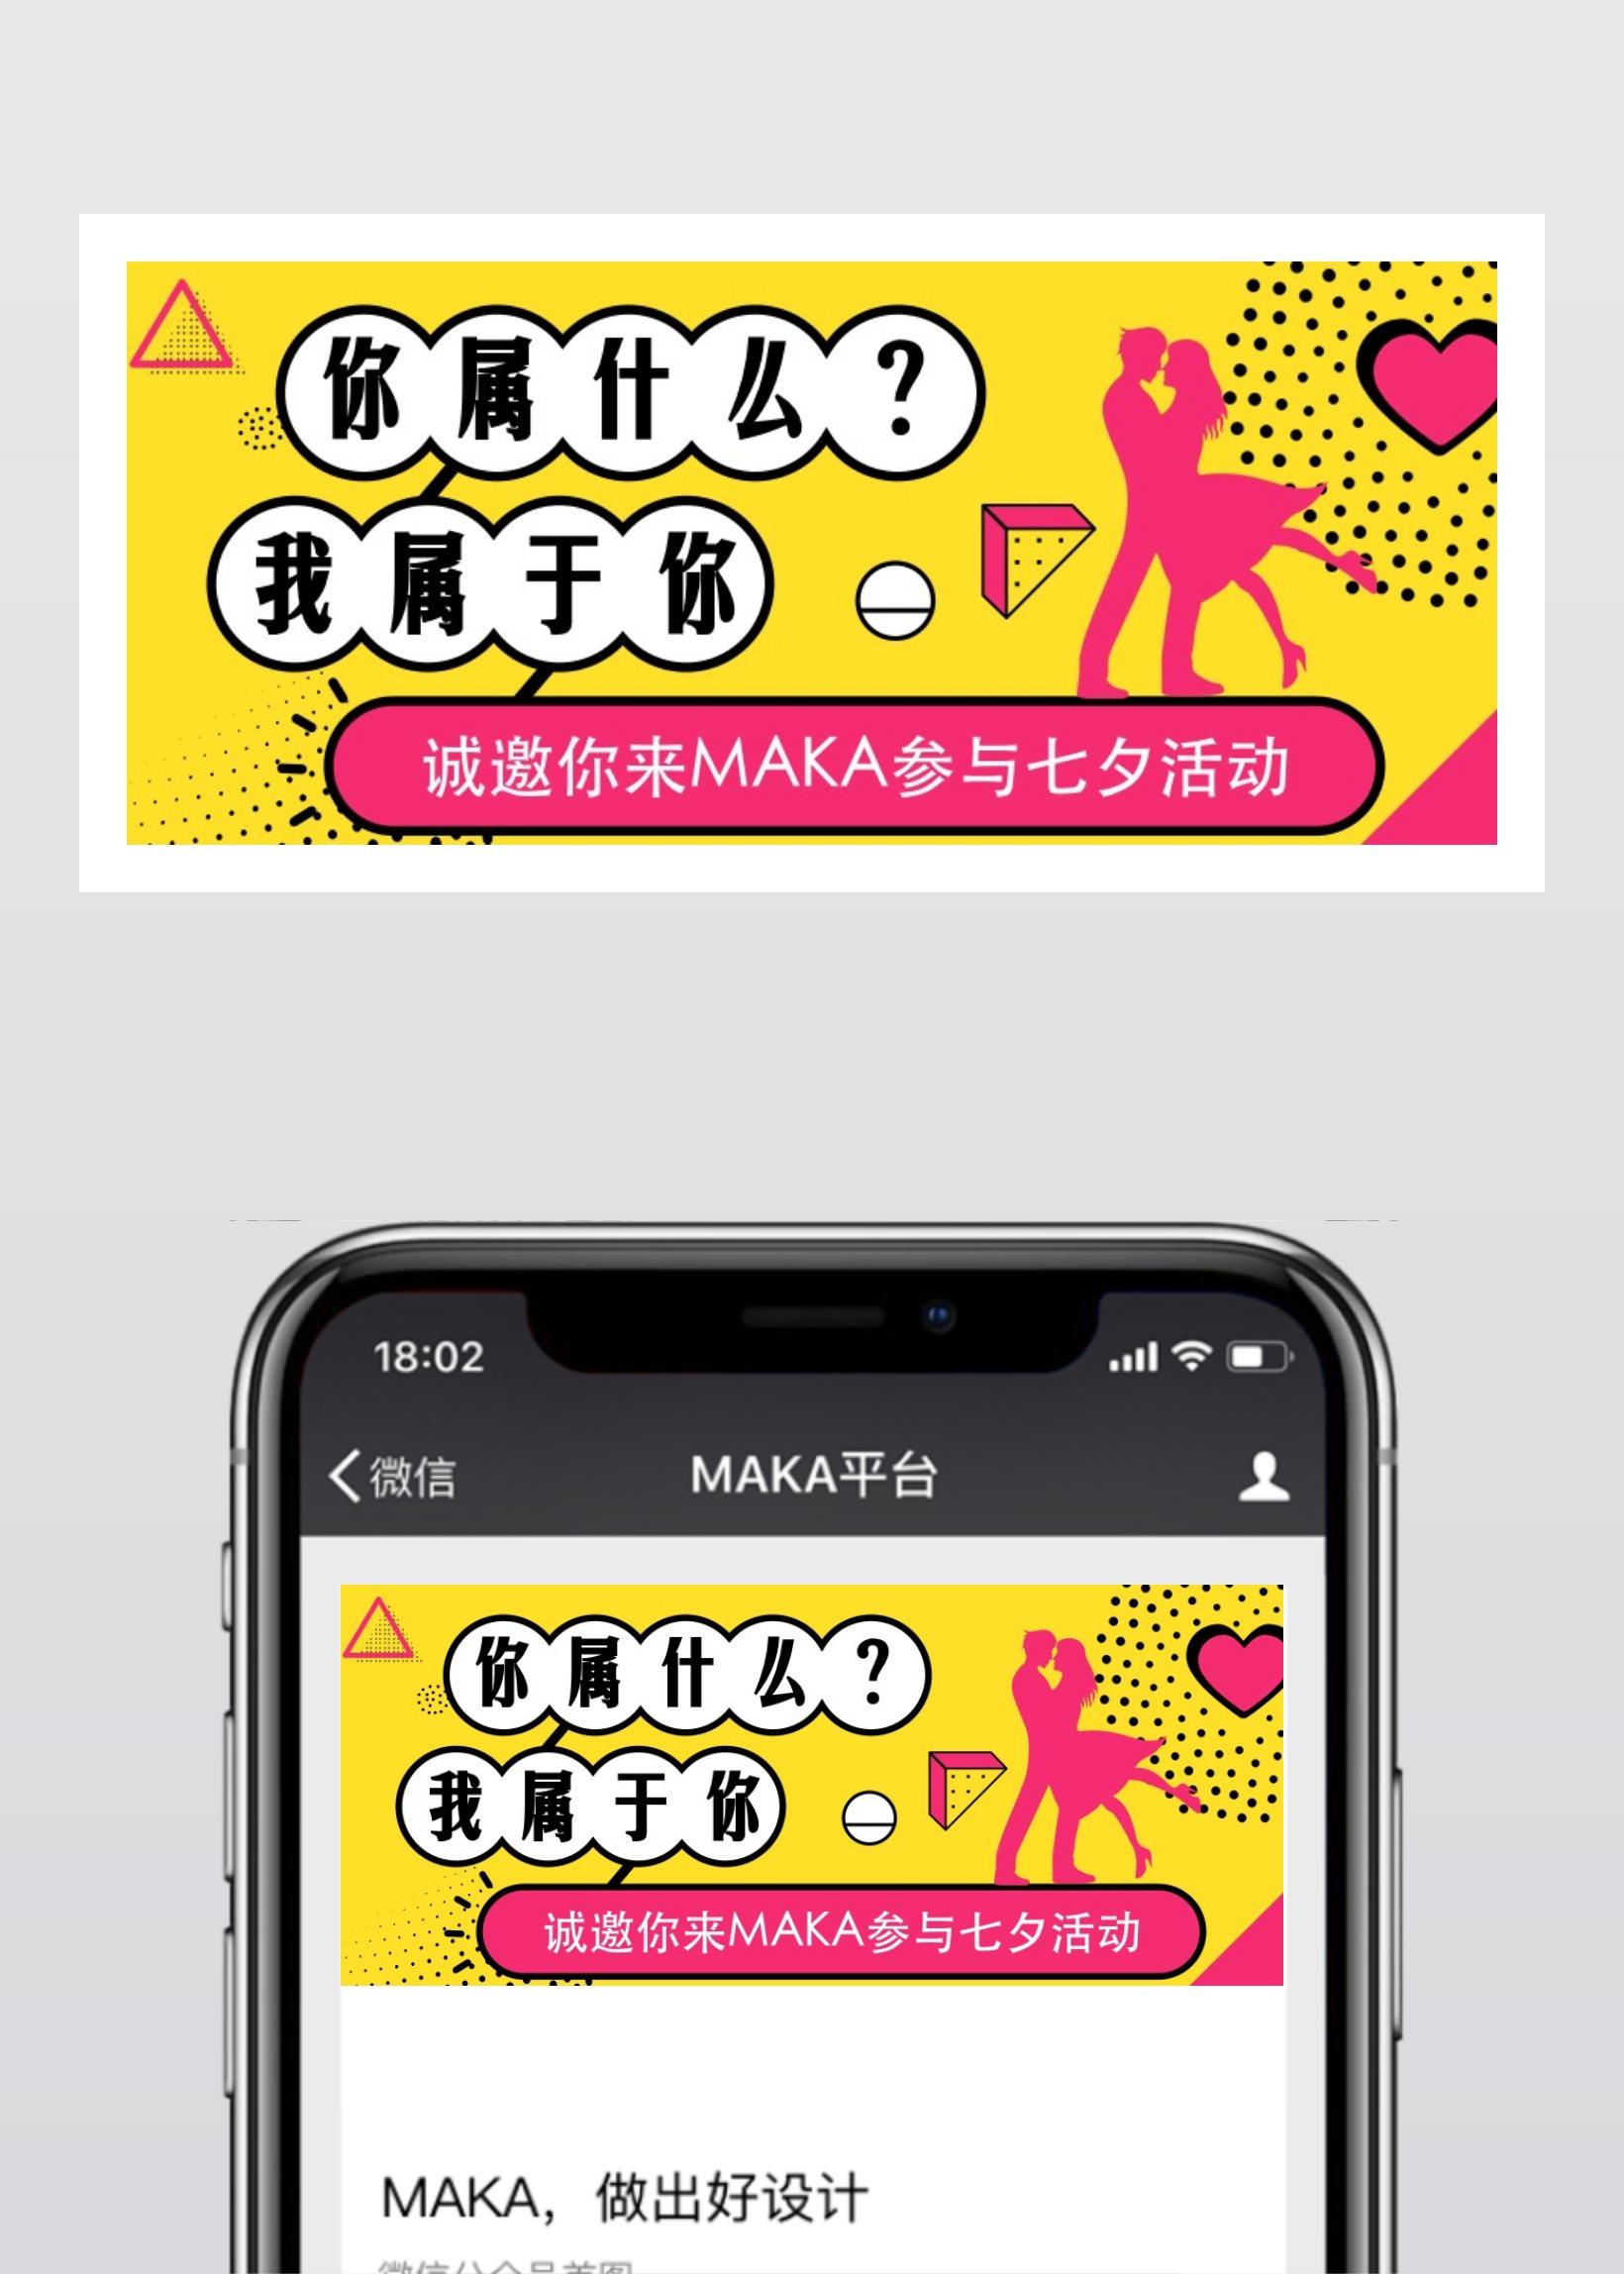 黄色卡通扁平插画设计风格中国情人节七夕表白、祝福活动微信公众号大图